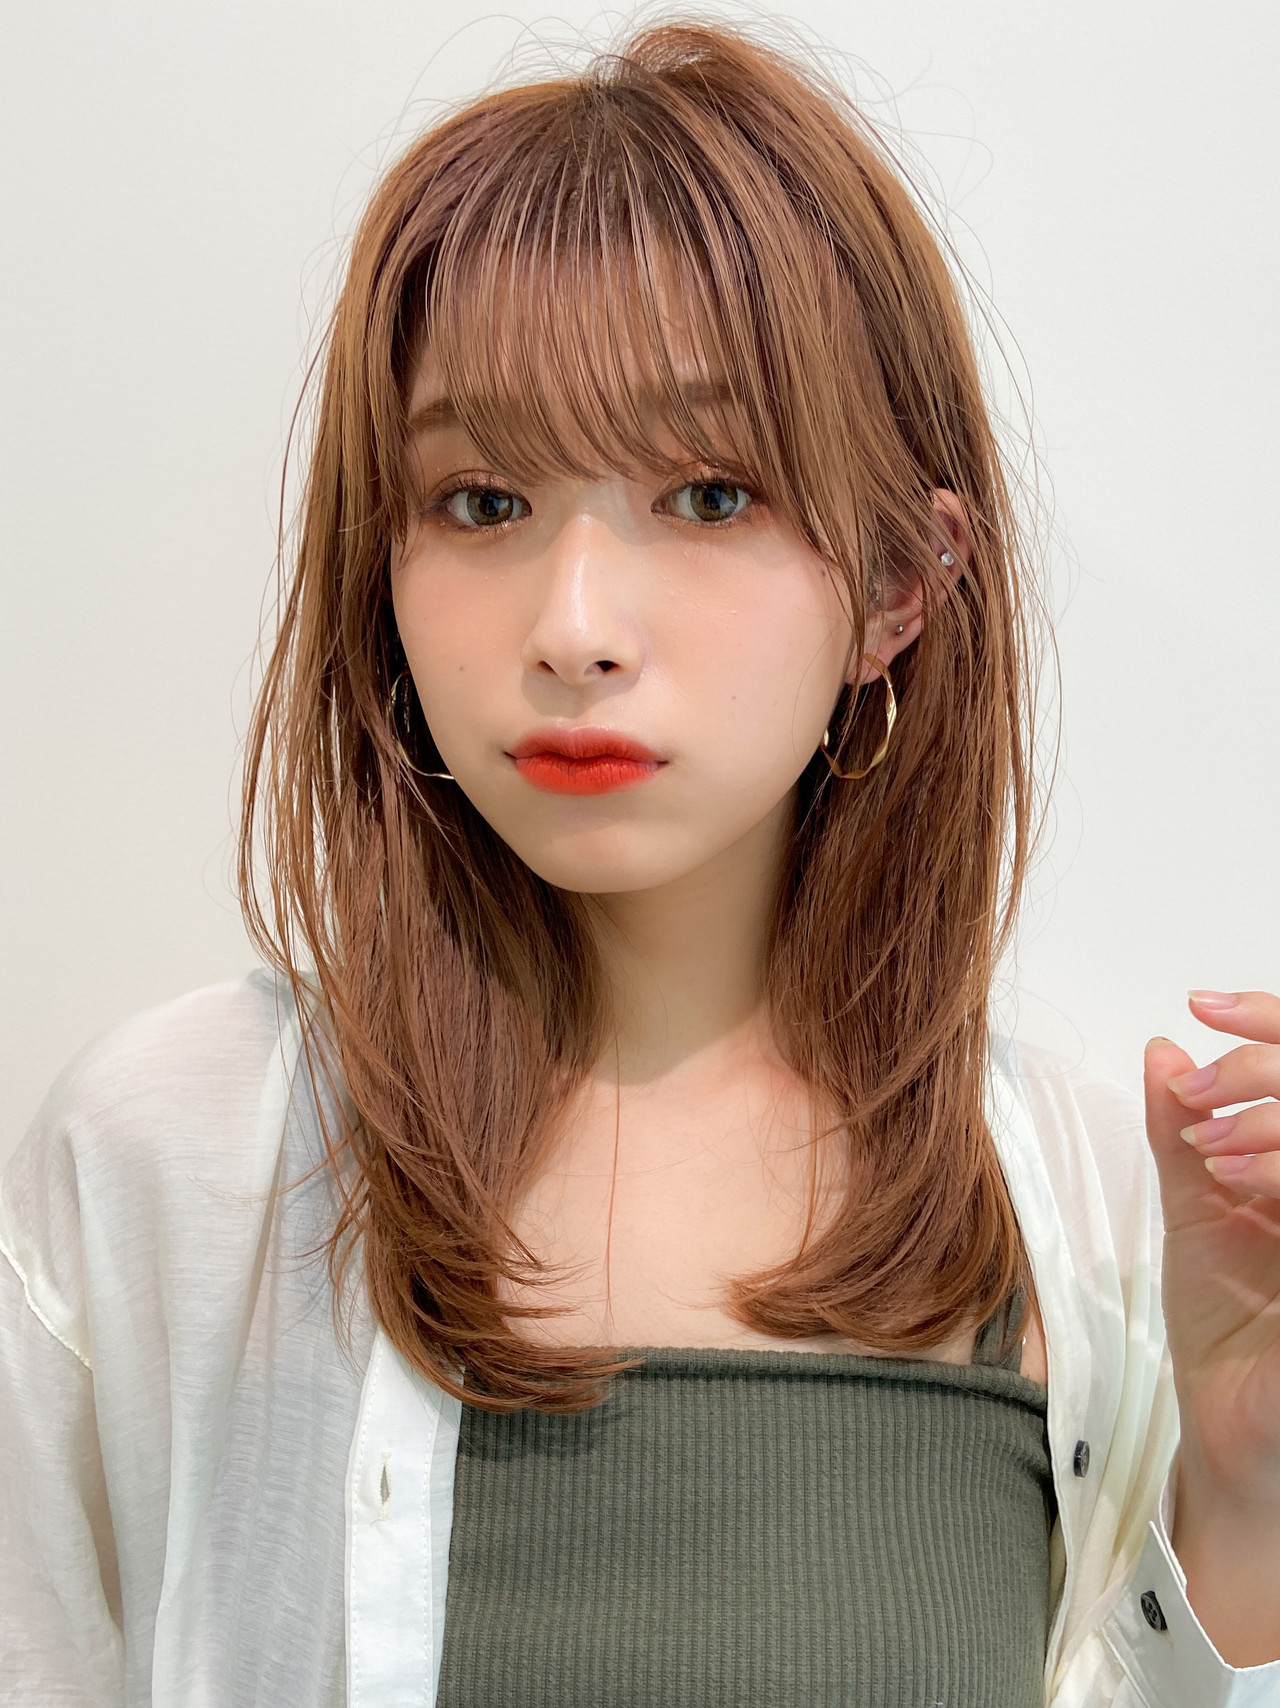 デジタルパーマ セミロング レイヤーカット 大人可愛い ヘアスタイルや髪型の写真・画像